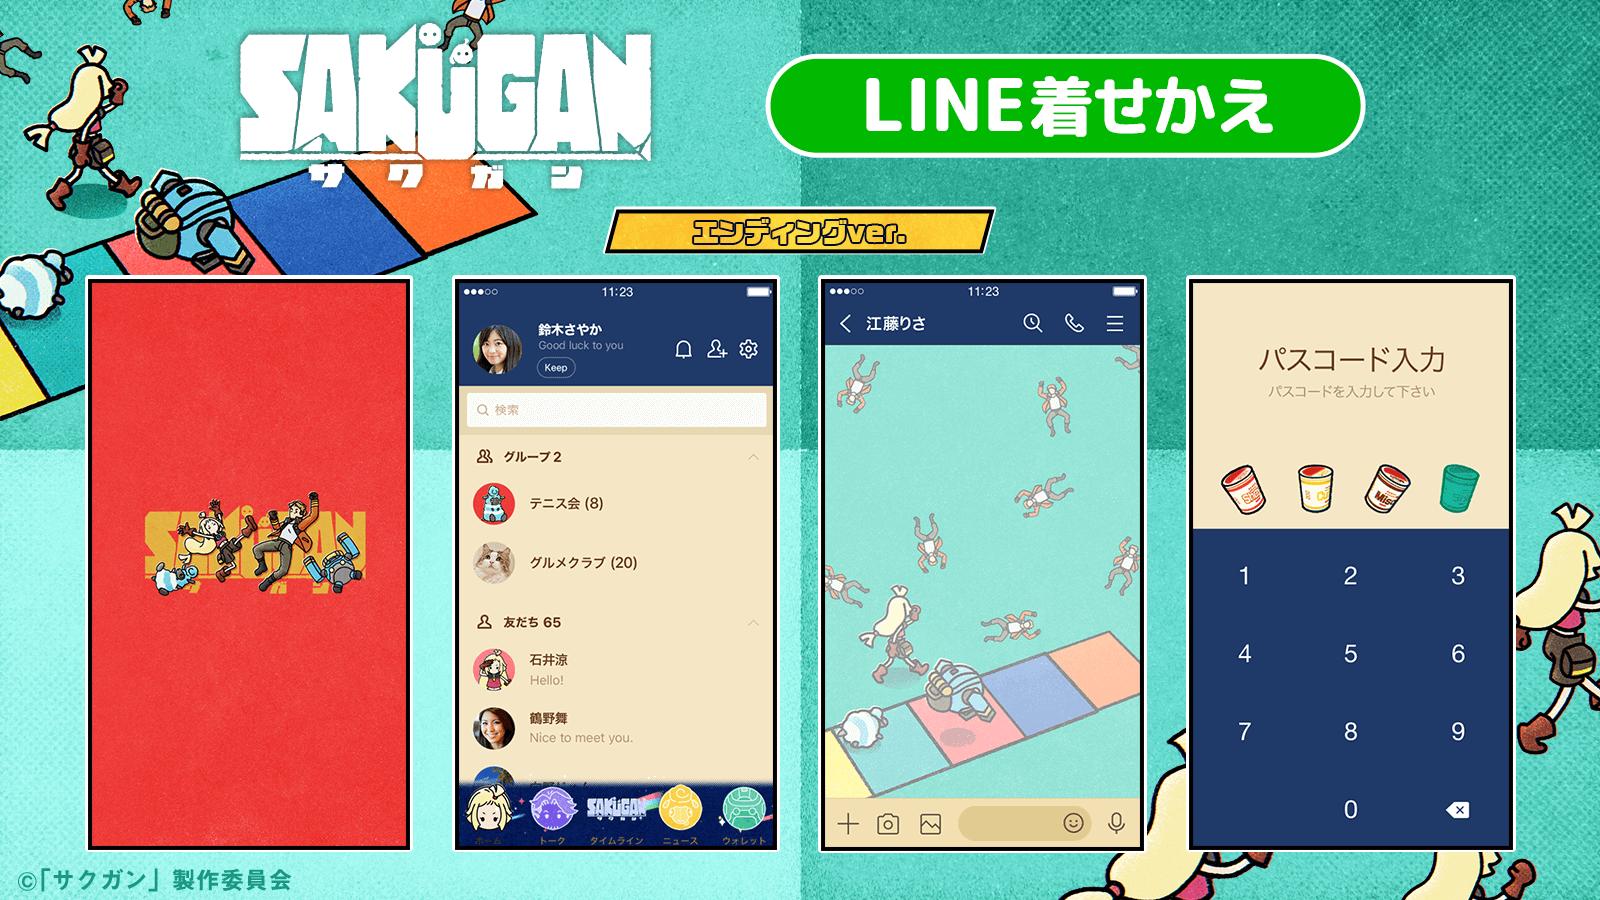 TVアニメ『サクガン』からエンディングver.のLINE着せかえが登場!